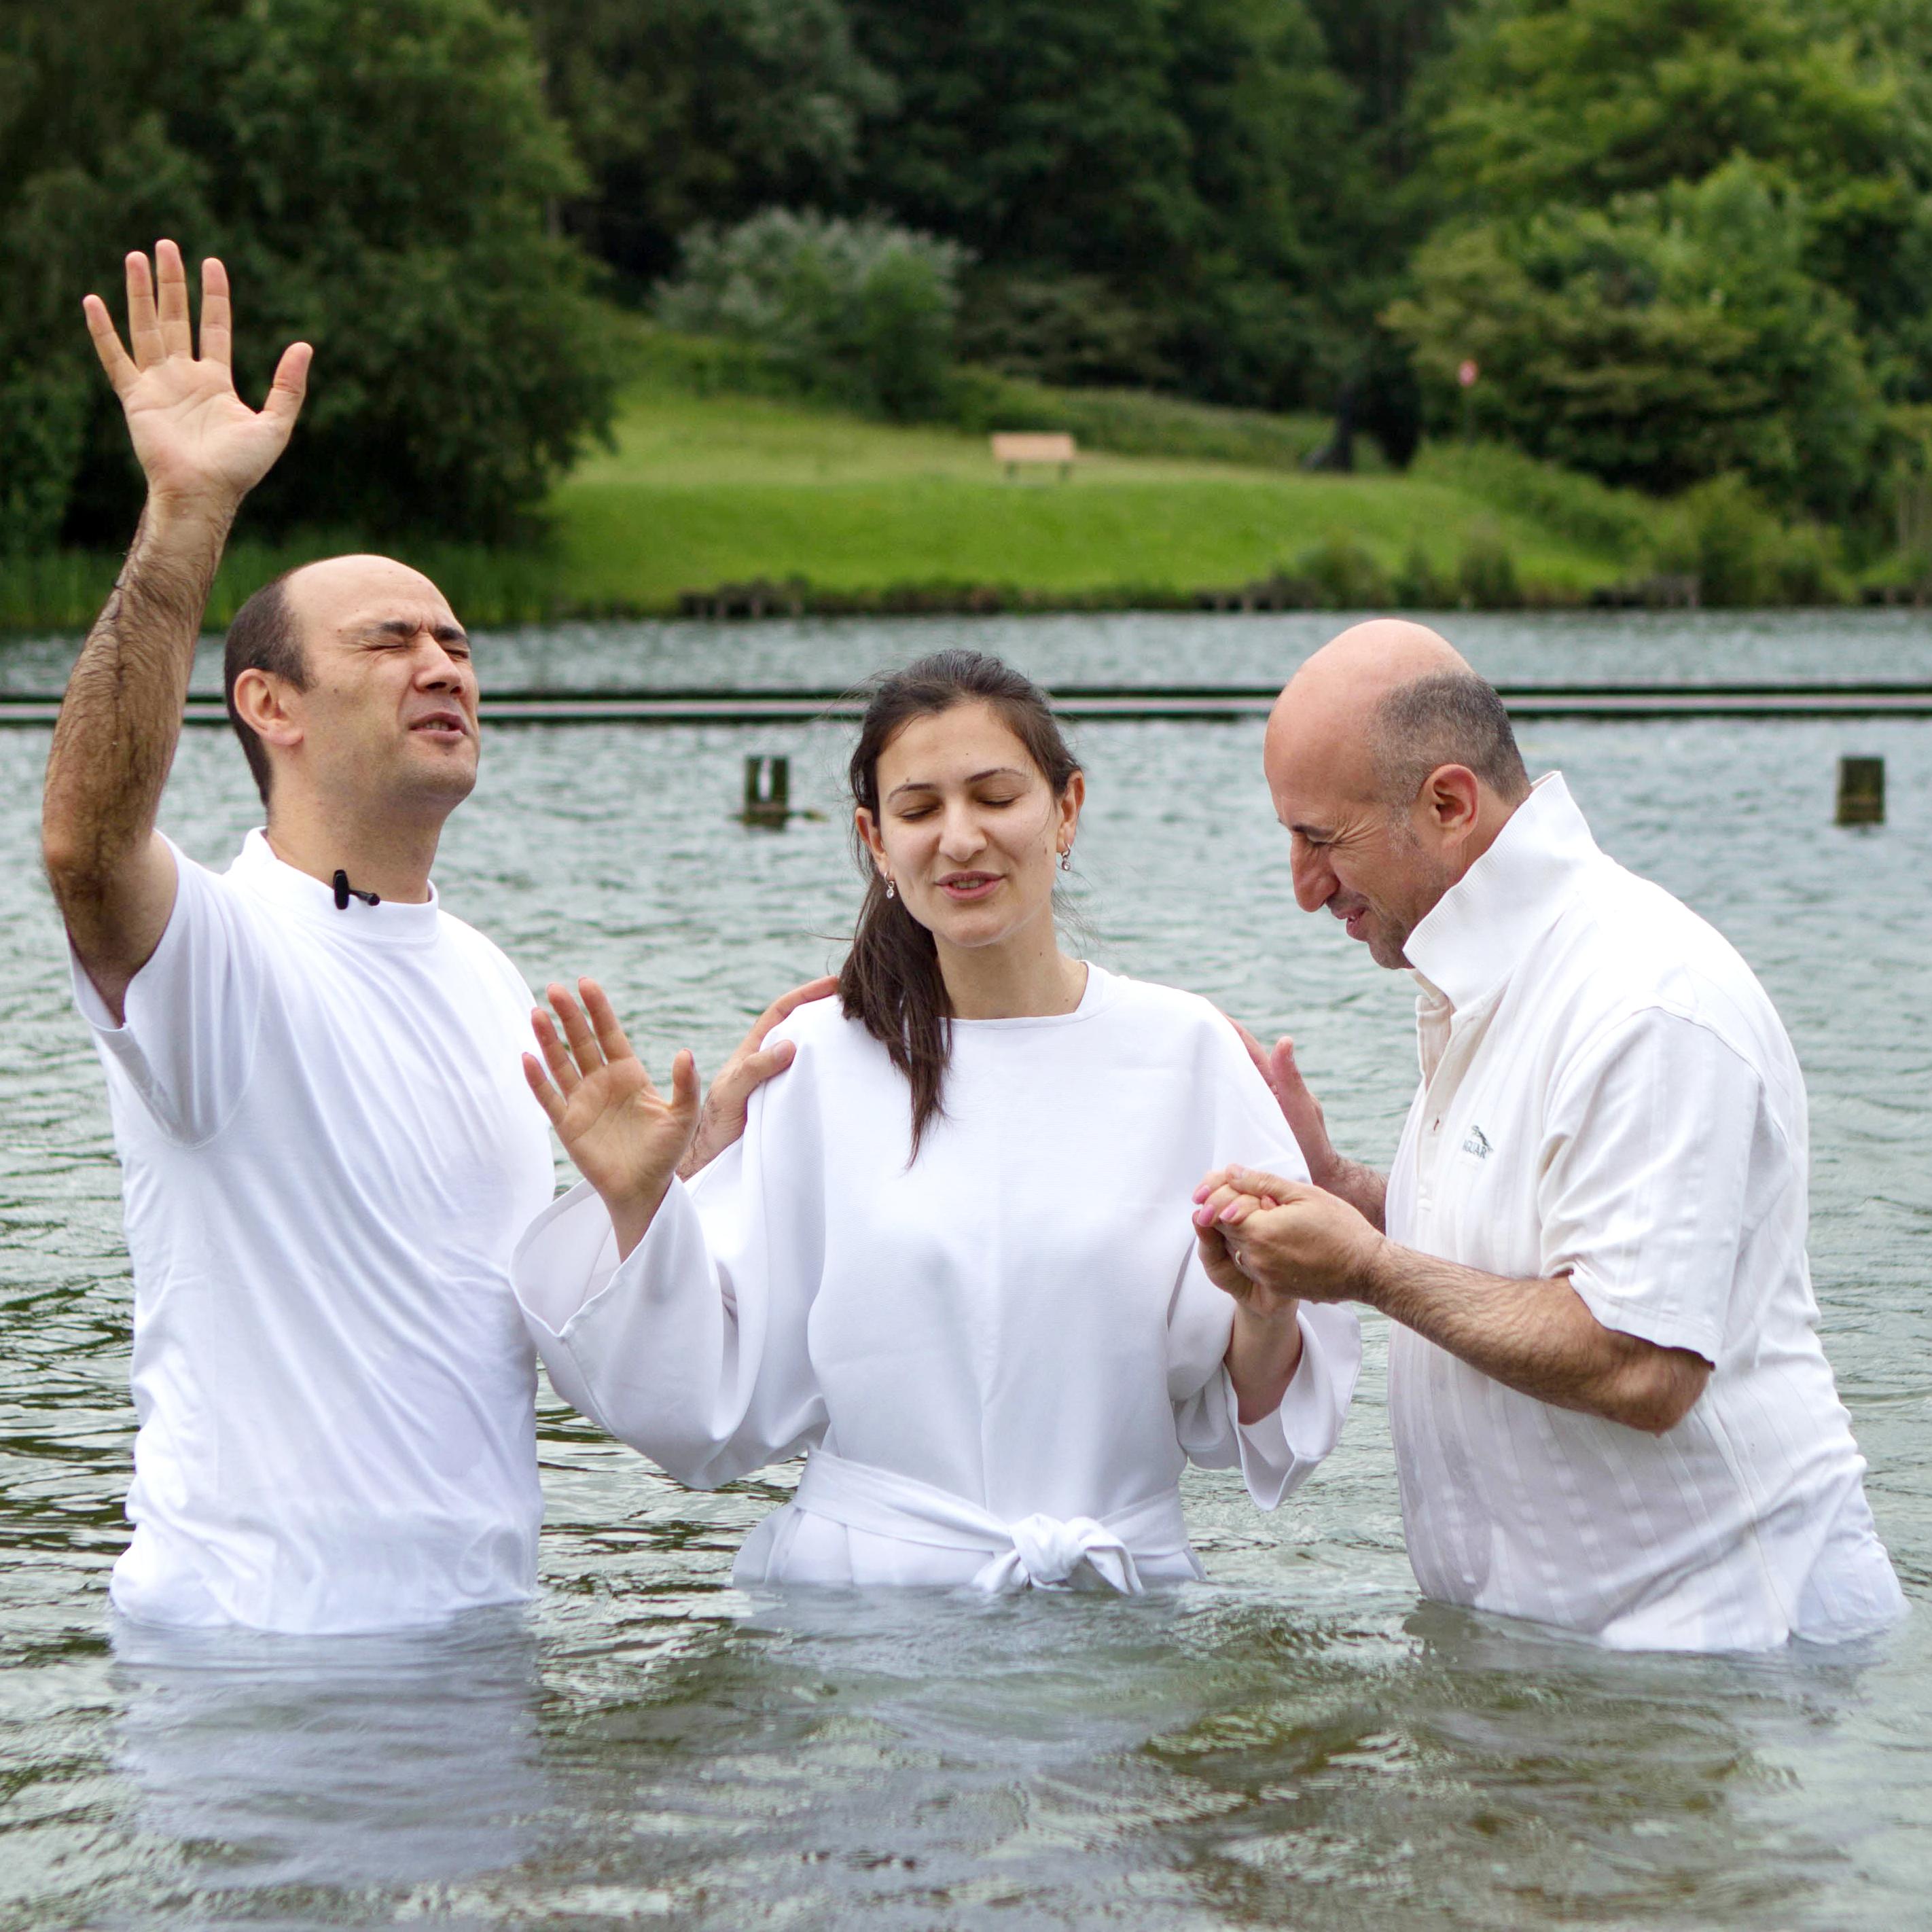 Крещение на озере Блаармесен, 15 июнь 2014